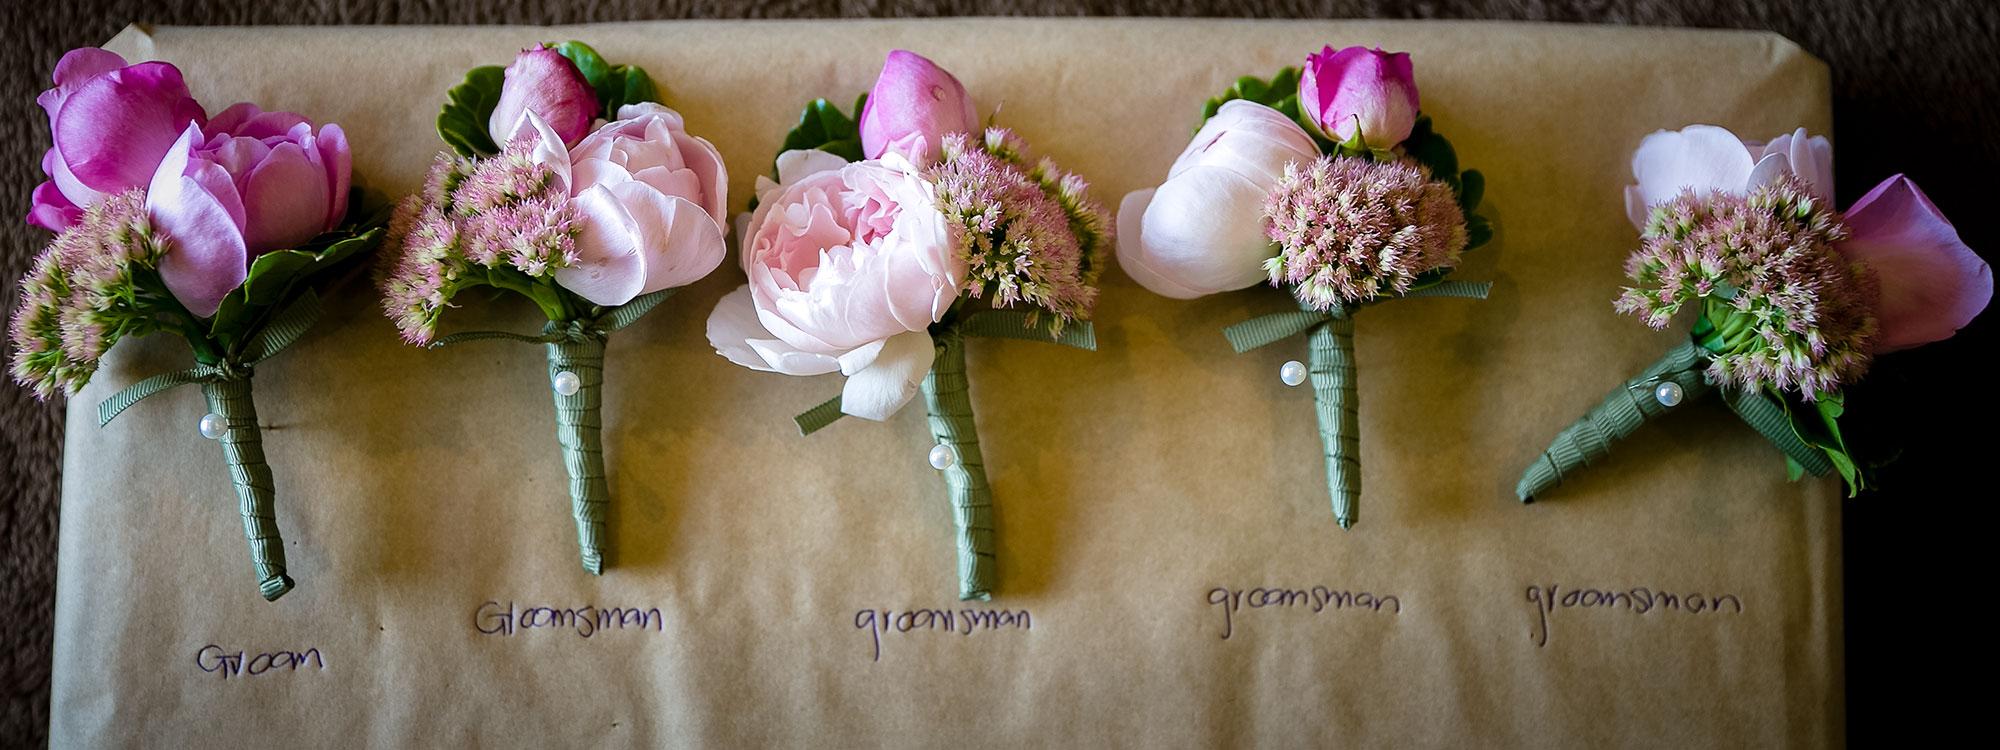 1403140005-flowers-buttonholes-banner-2000